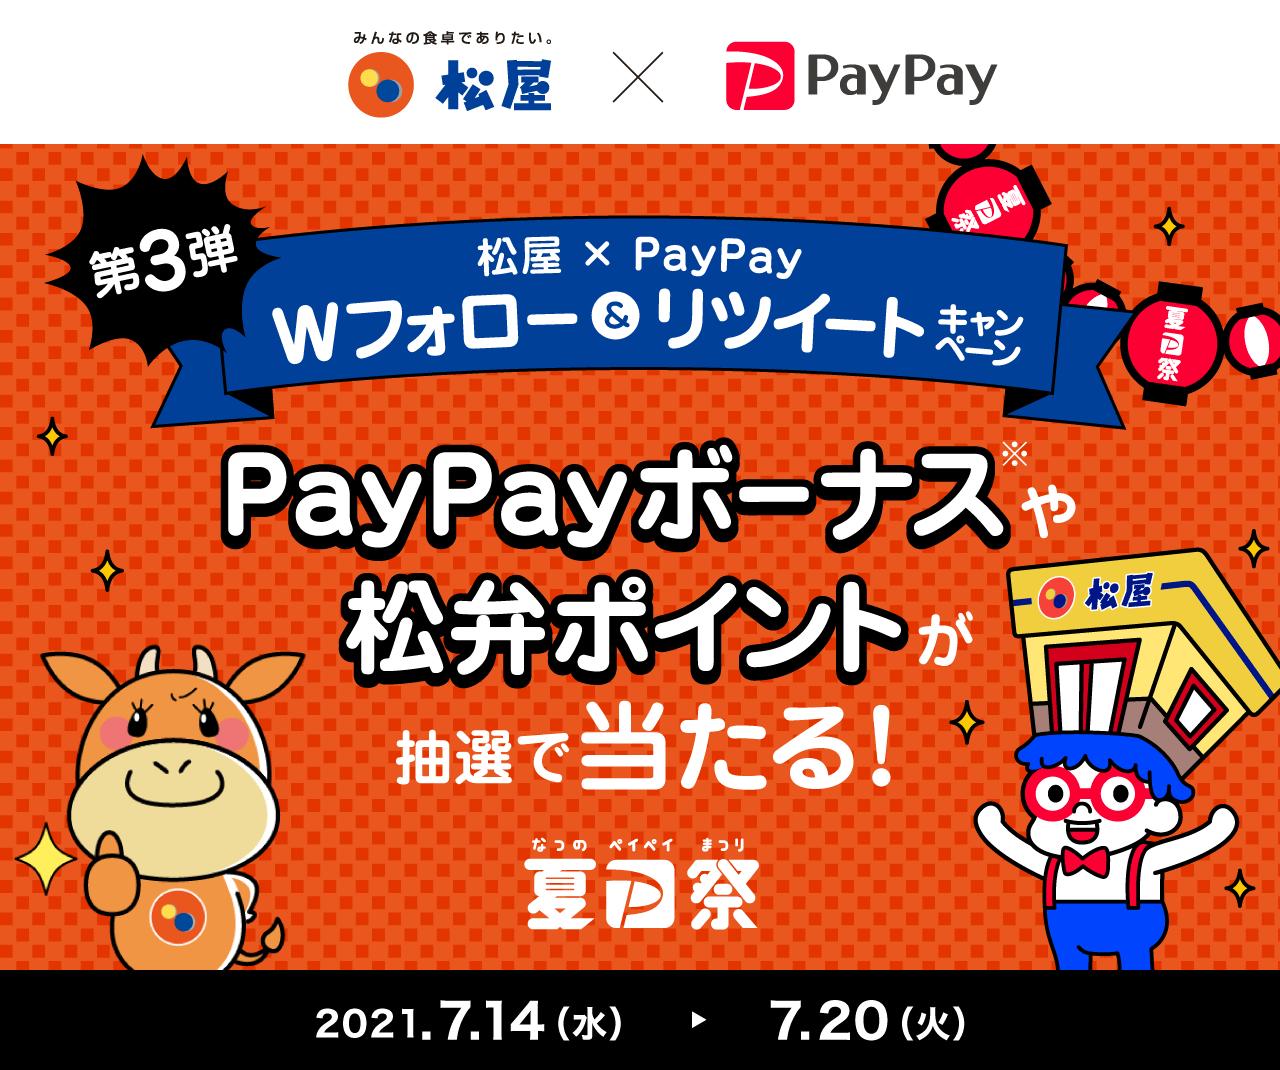 第3弾 松屋×PayPay Wフォロー&リツイートキャンペーン PayPayボーナスや松弁ポイントが抽選で当たる!